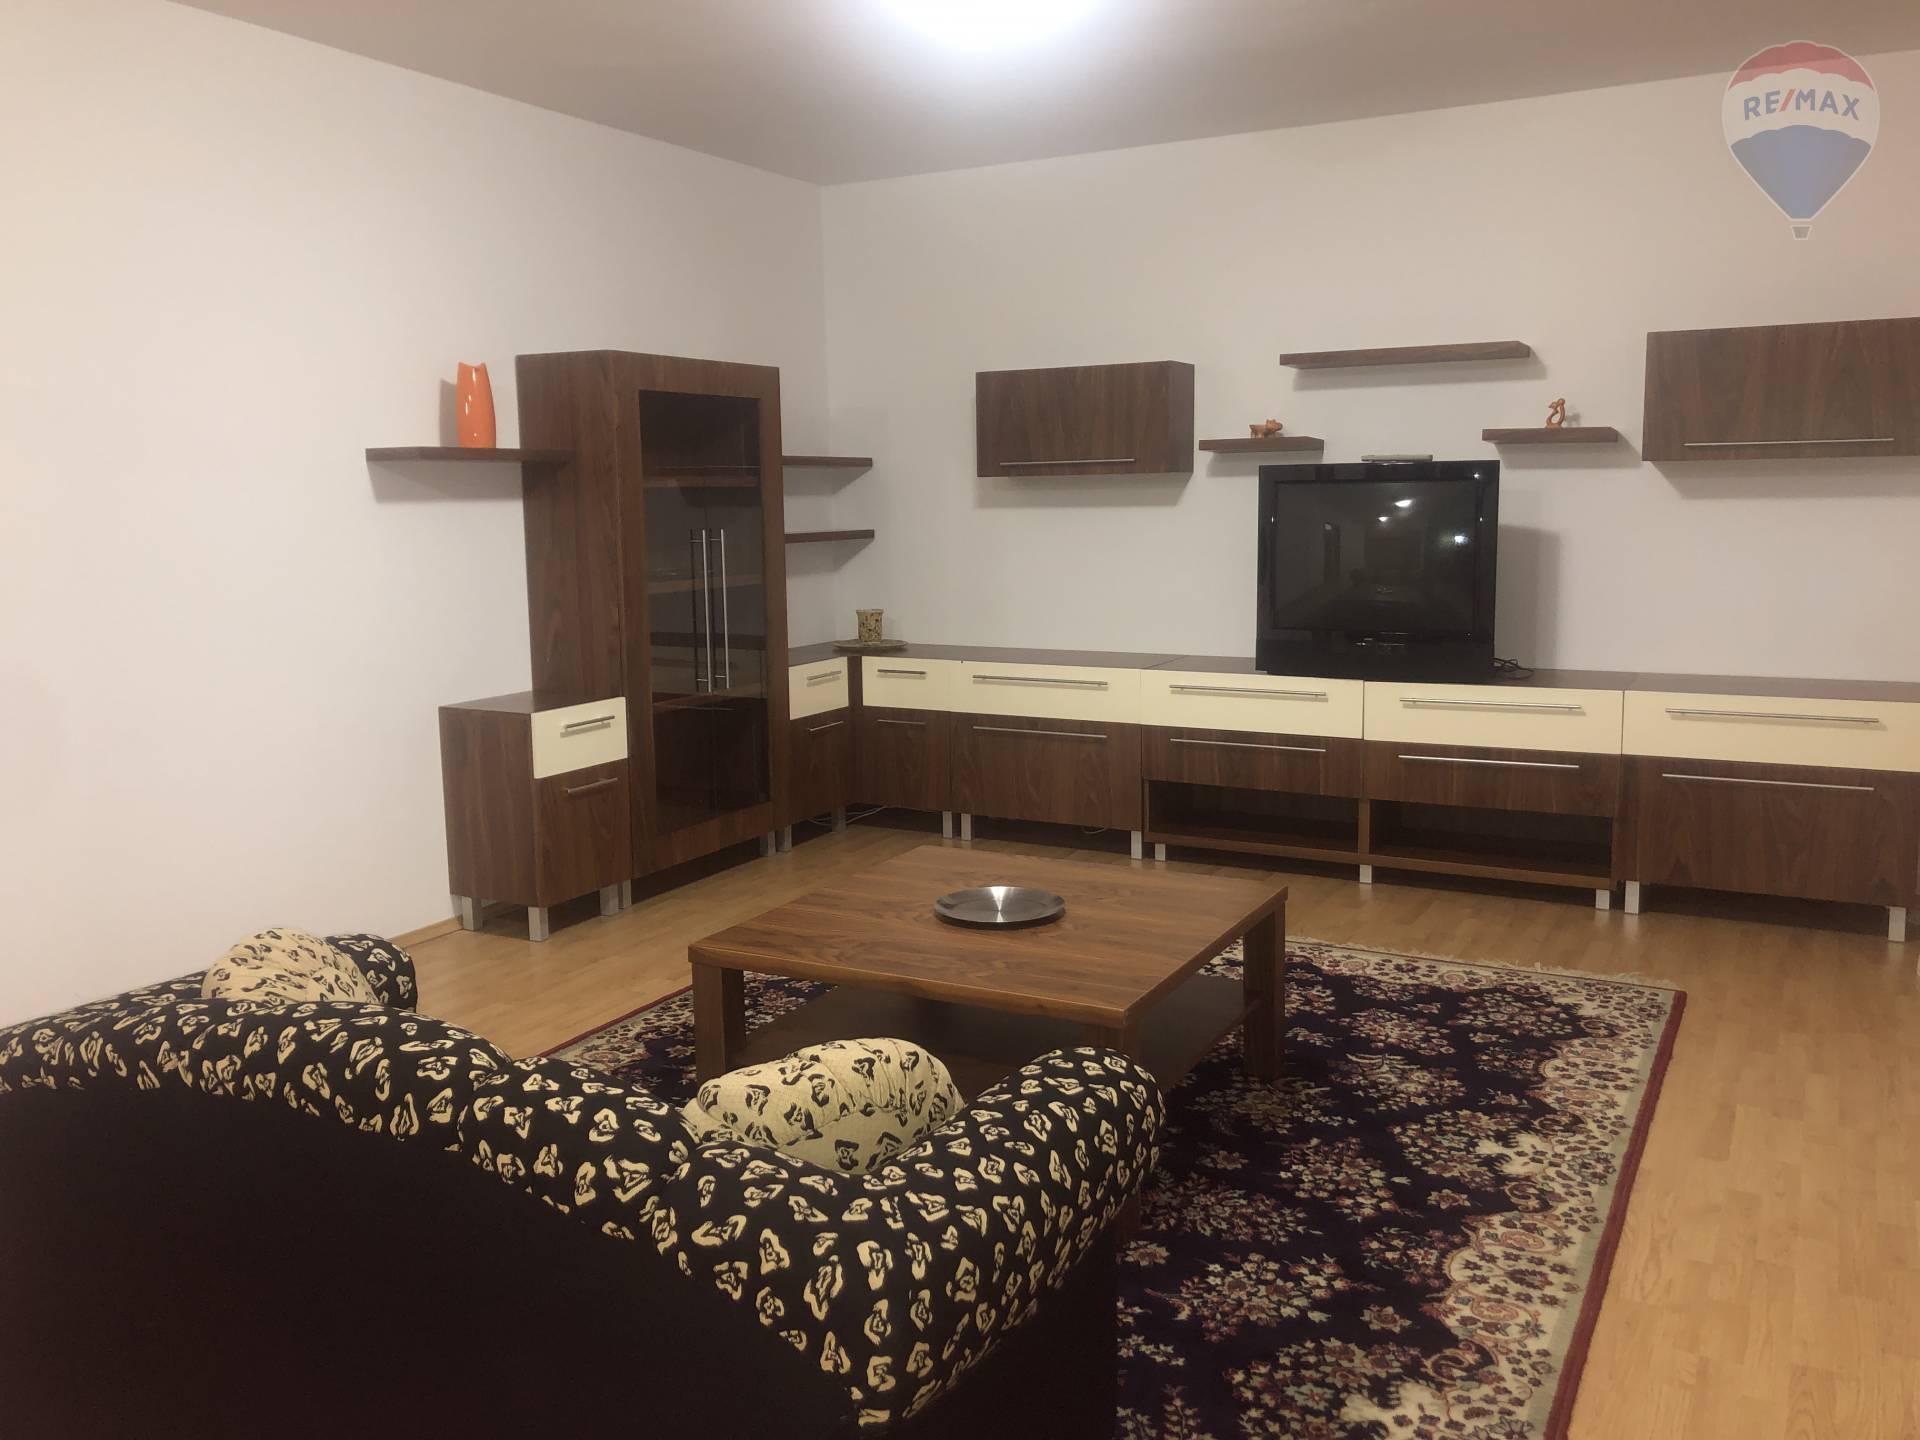 NA PRENÁJOM veľký 3 izbový byt s troma loggiami